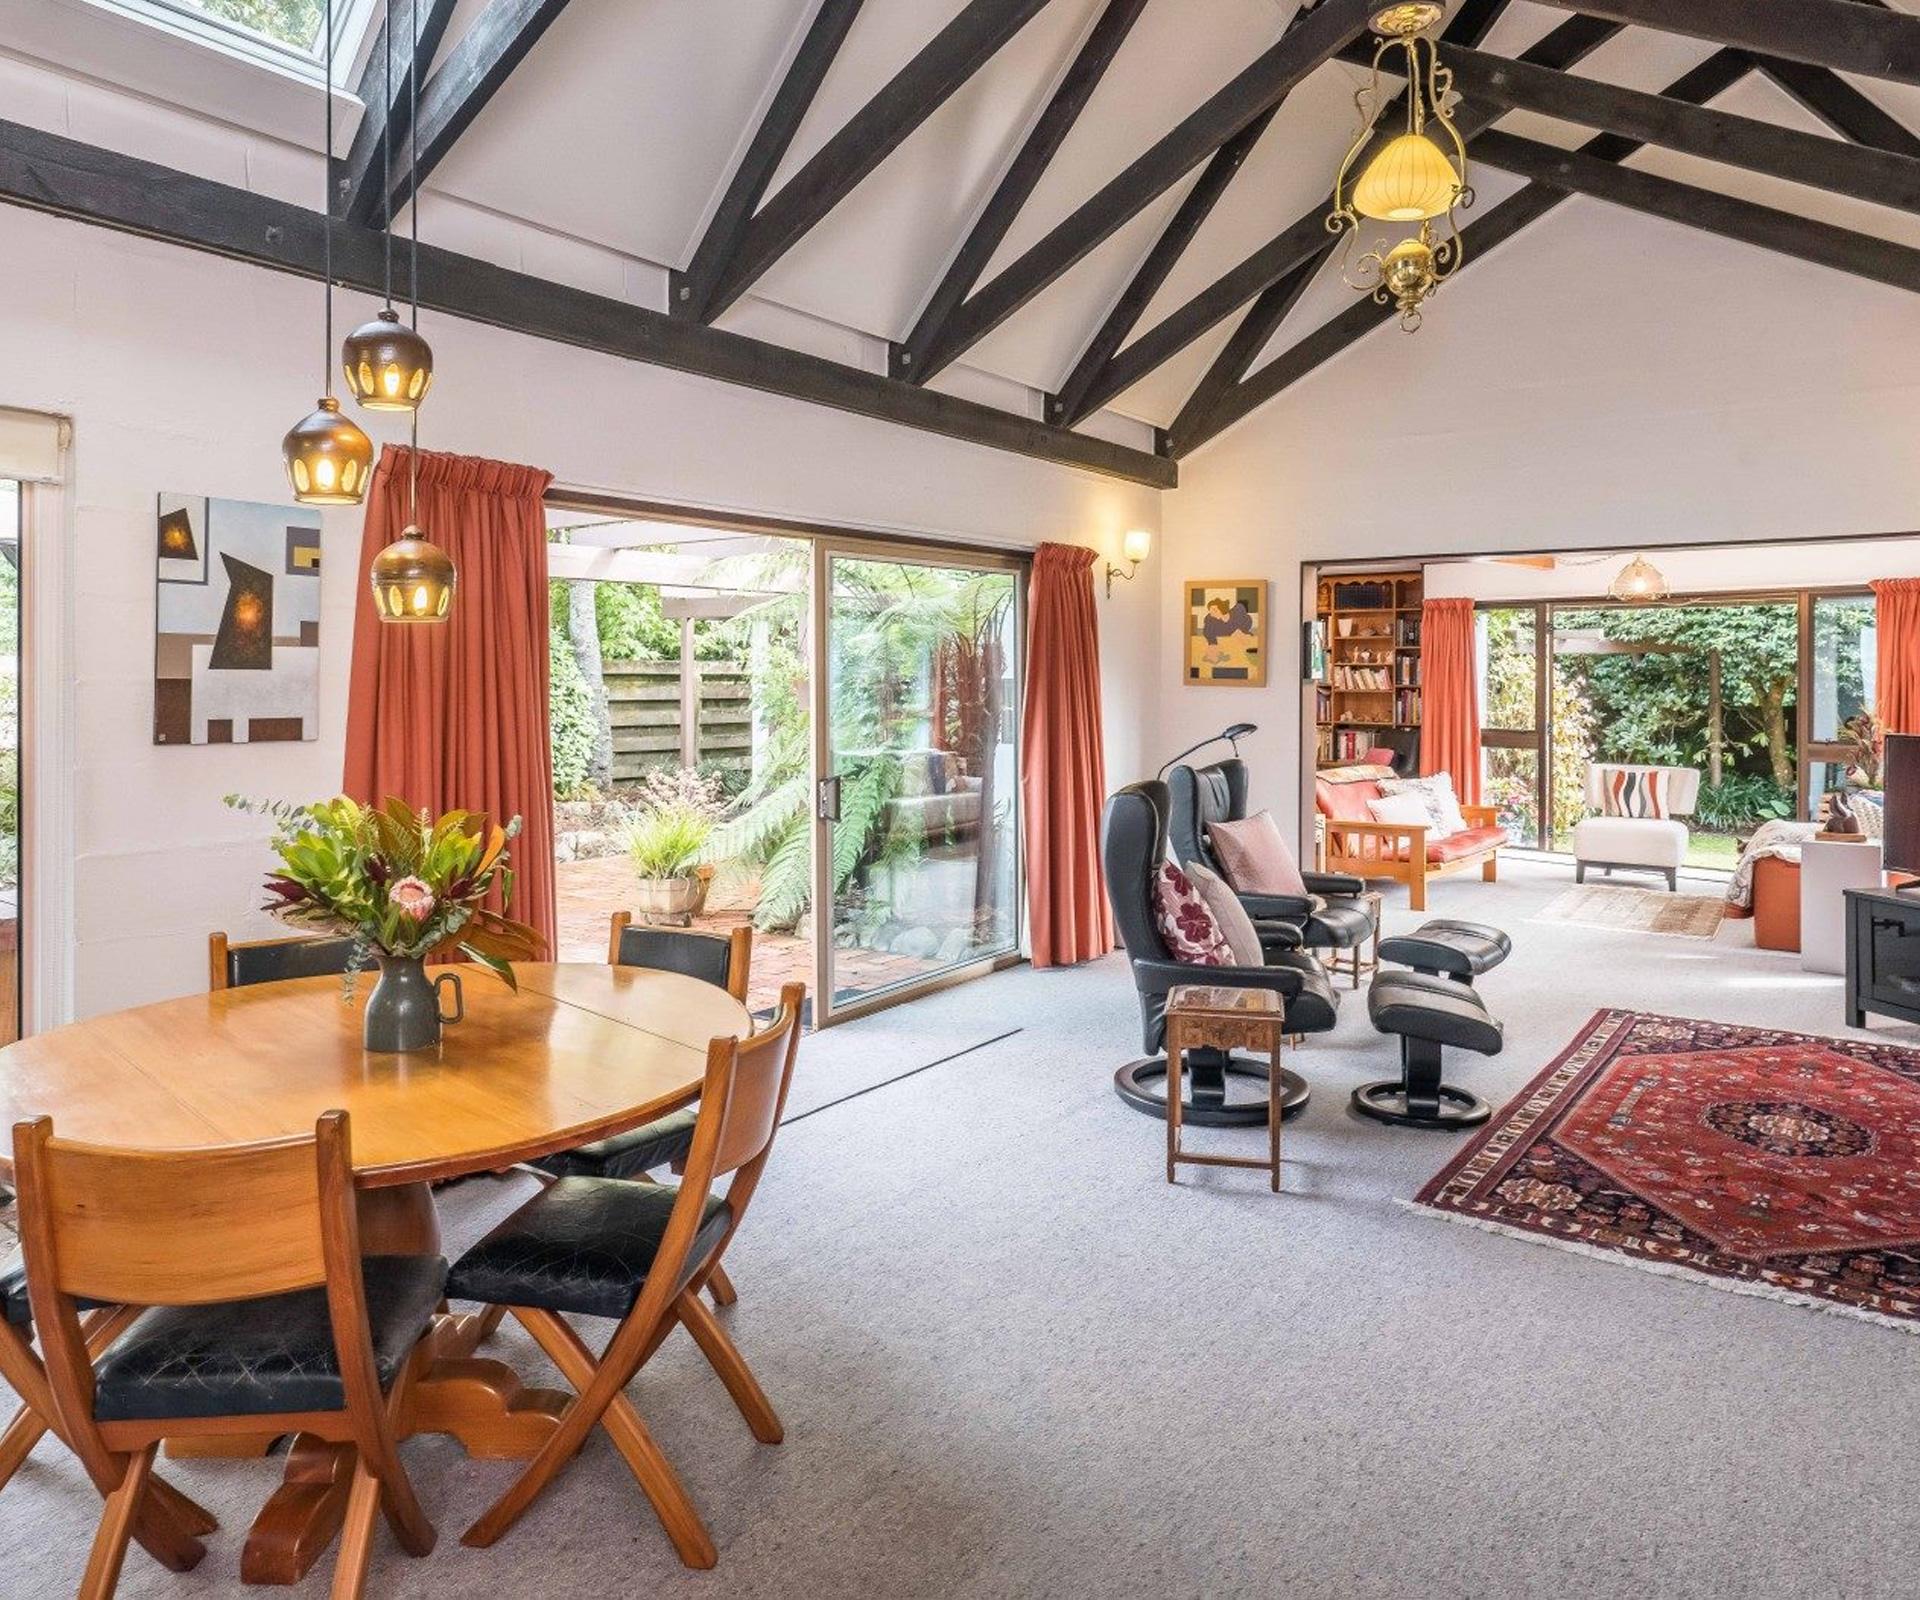 salon ouvert sur salle à manger avec table ronde et chaises bois et cuir fauteuils en cuir tapis boheme coloré rideaux organge